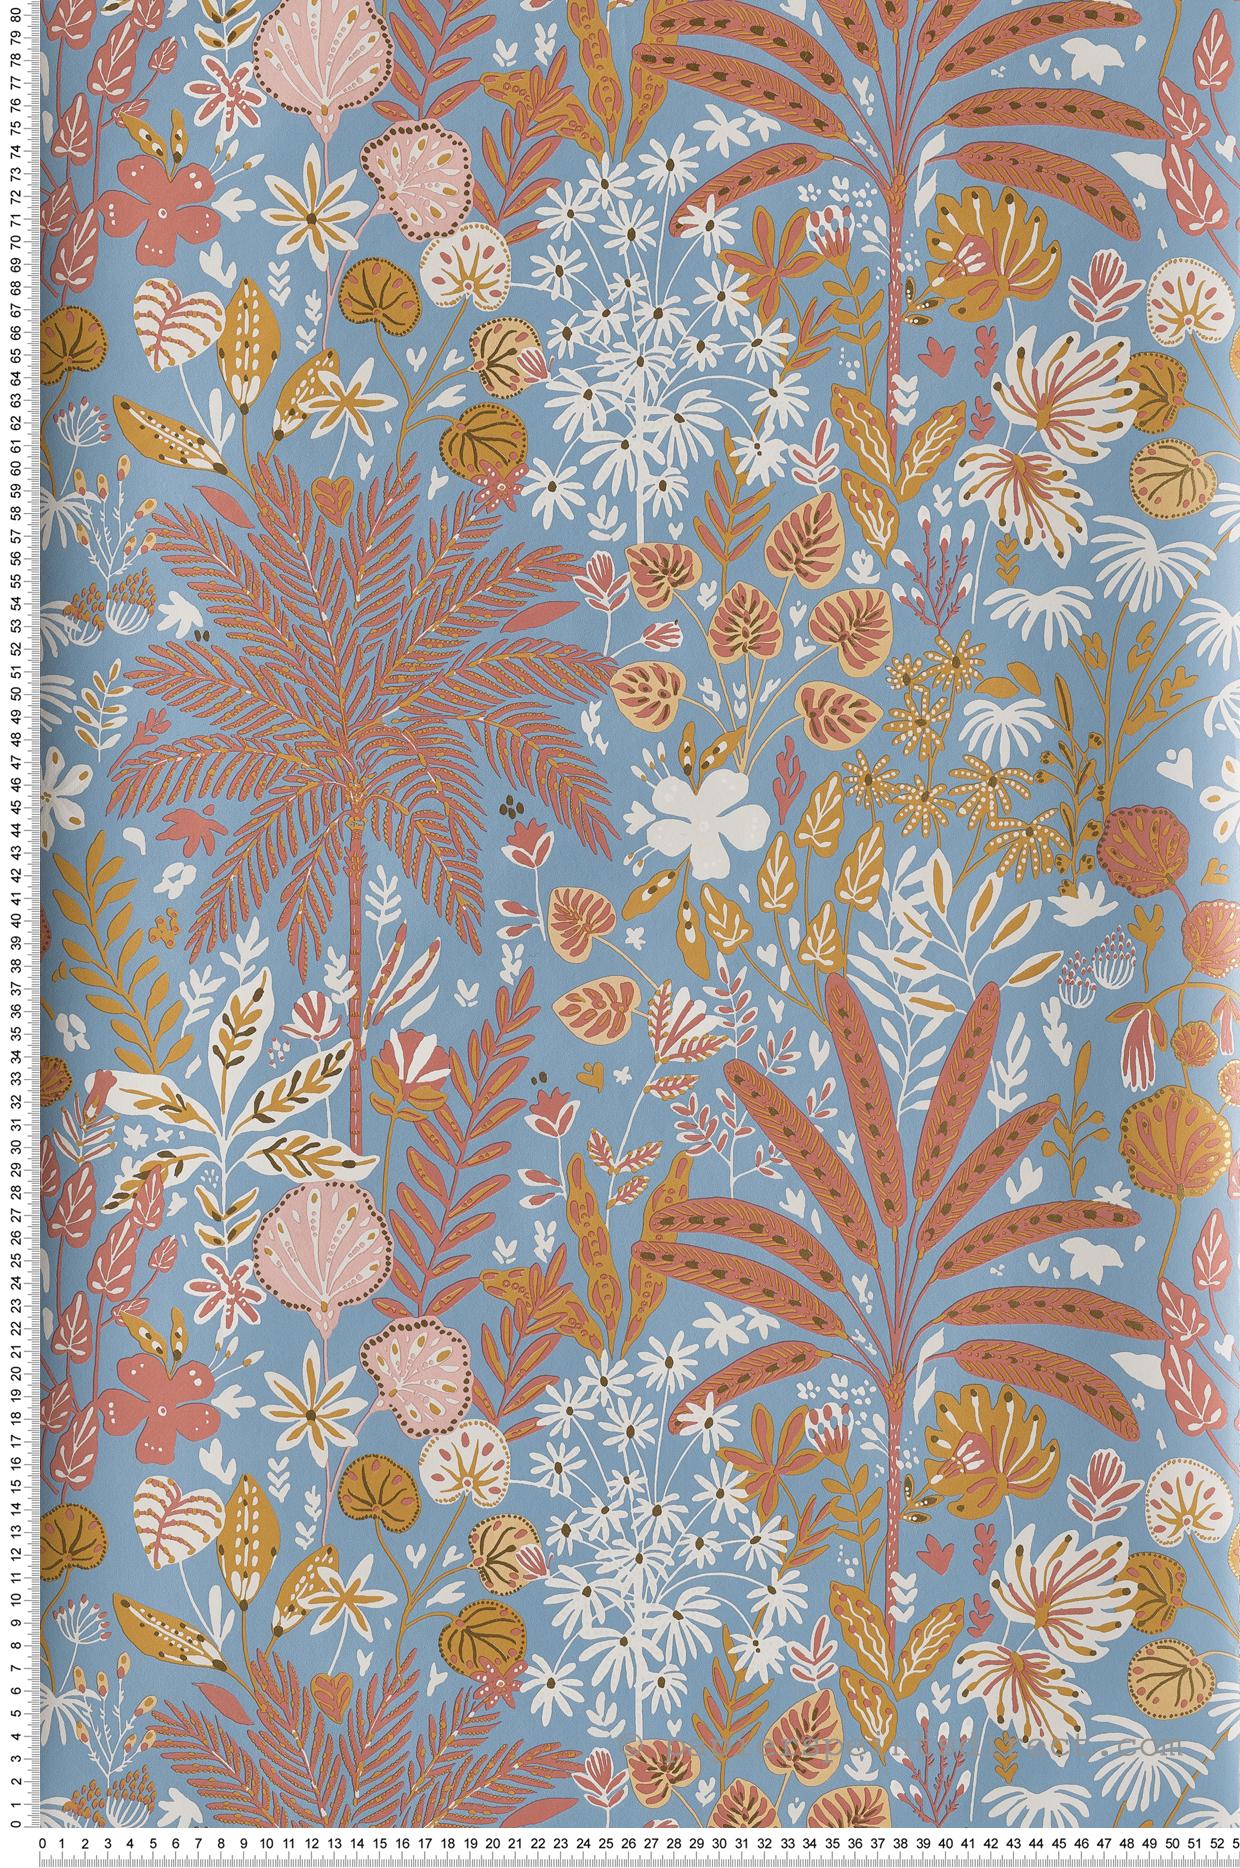 Papier peint jungle tropicale Hope bleu/terracotta/camel - Hygge de Casélio | HYG100596524